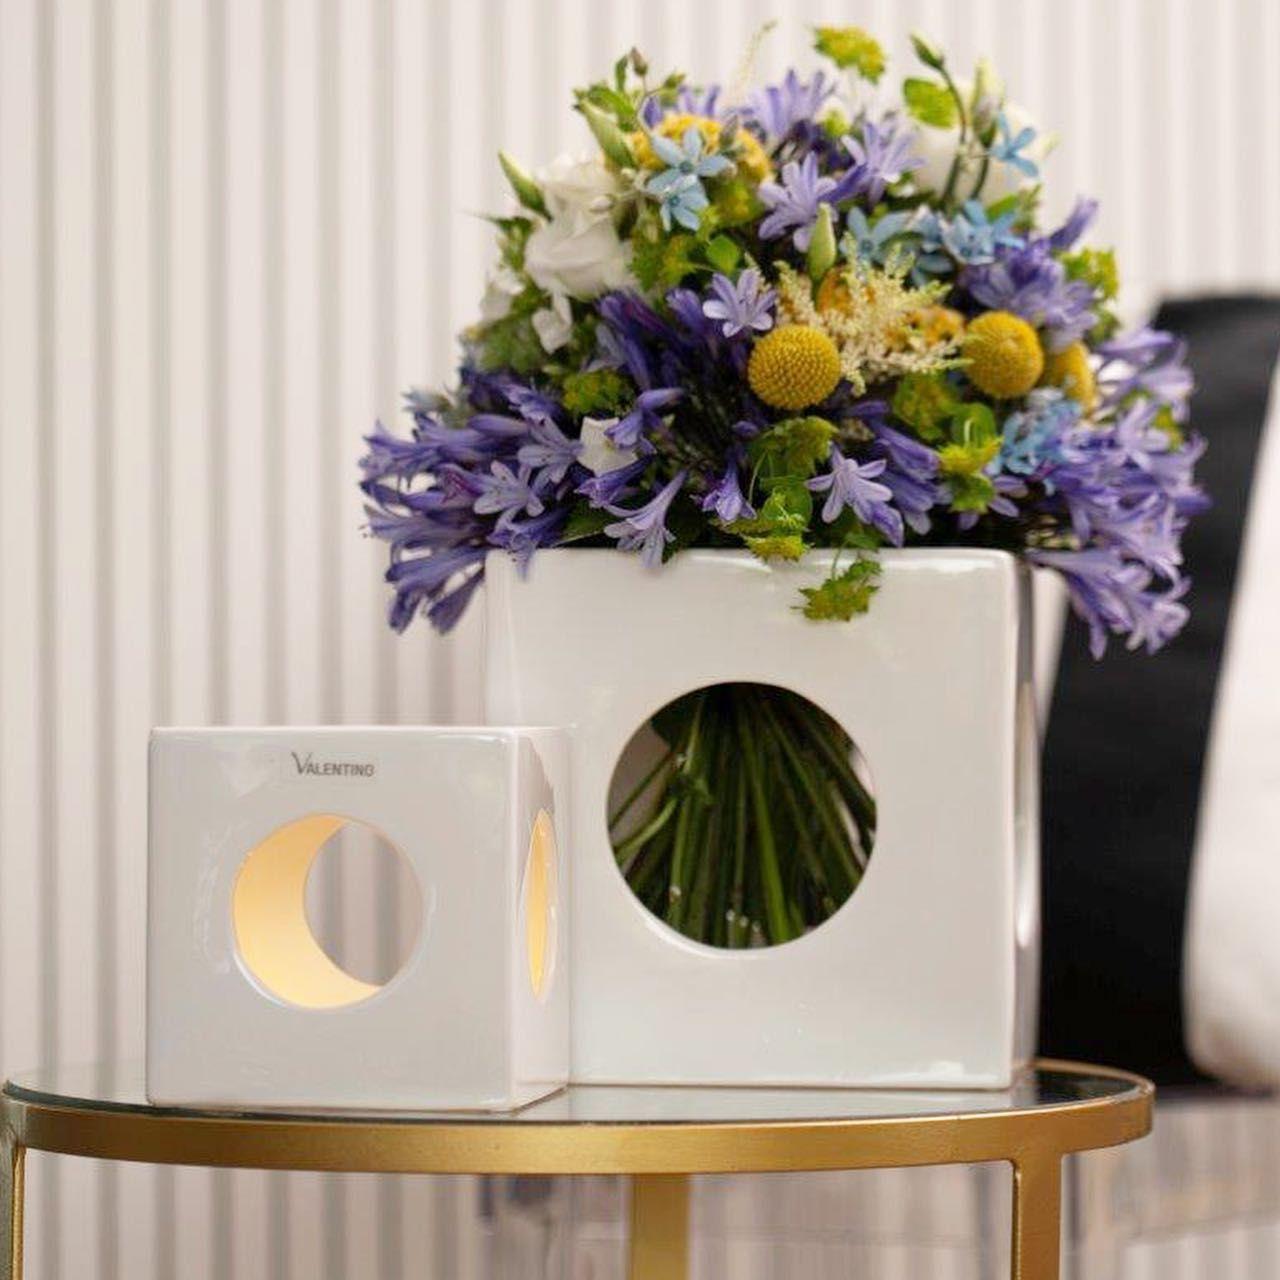 Windlicht Vase Oder Tragbare Led Lampe Die Wurfel Cube Aus Keramik Passen Sich Deinen Ideen An Schlichte Formen Fur Beistelltische Si In 2020 Decor Vase Home Decor